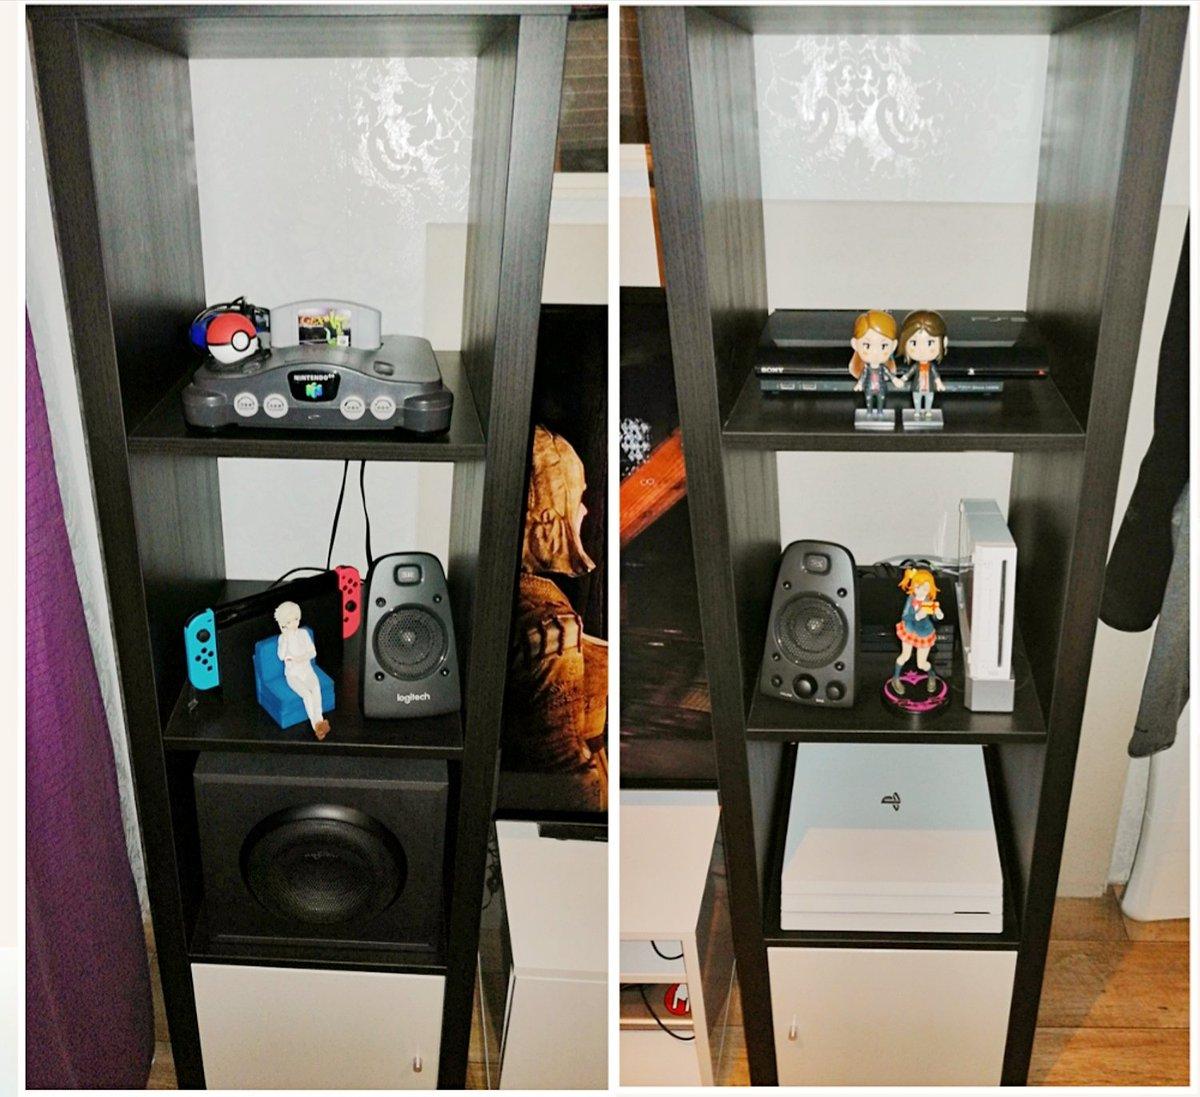 Endlich bin ich fertig.  Nun haben die N64, PS3, PS4, Wii und die Switch ihren Platz gefunden. Meine Xbox bleibt im Schlafzimmer, damit ich ab und an darüber Filme schauen kann. pic.twitter.com/OcpC2tfkpx